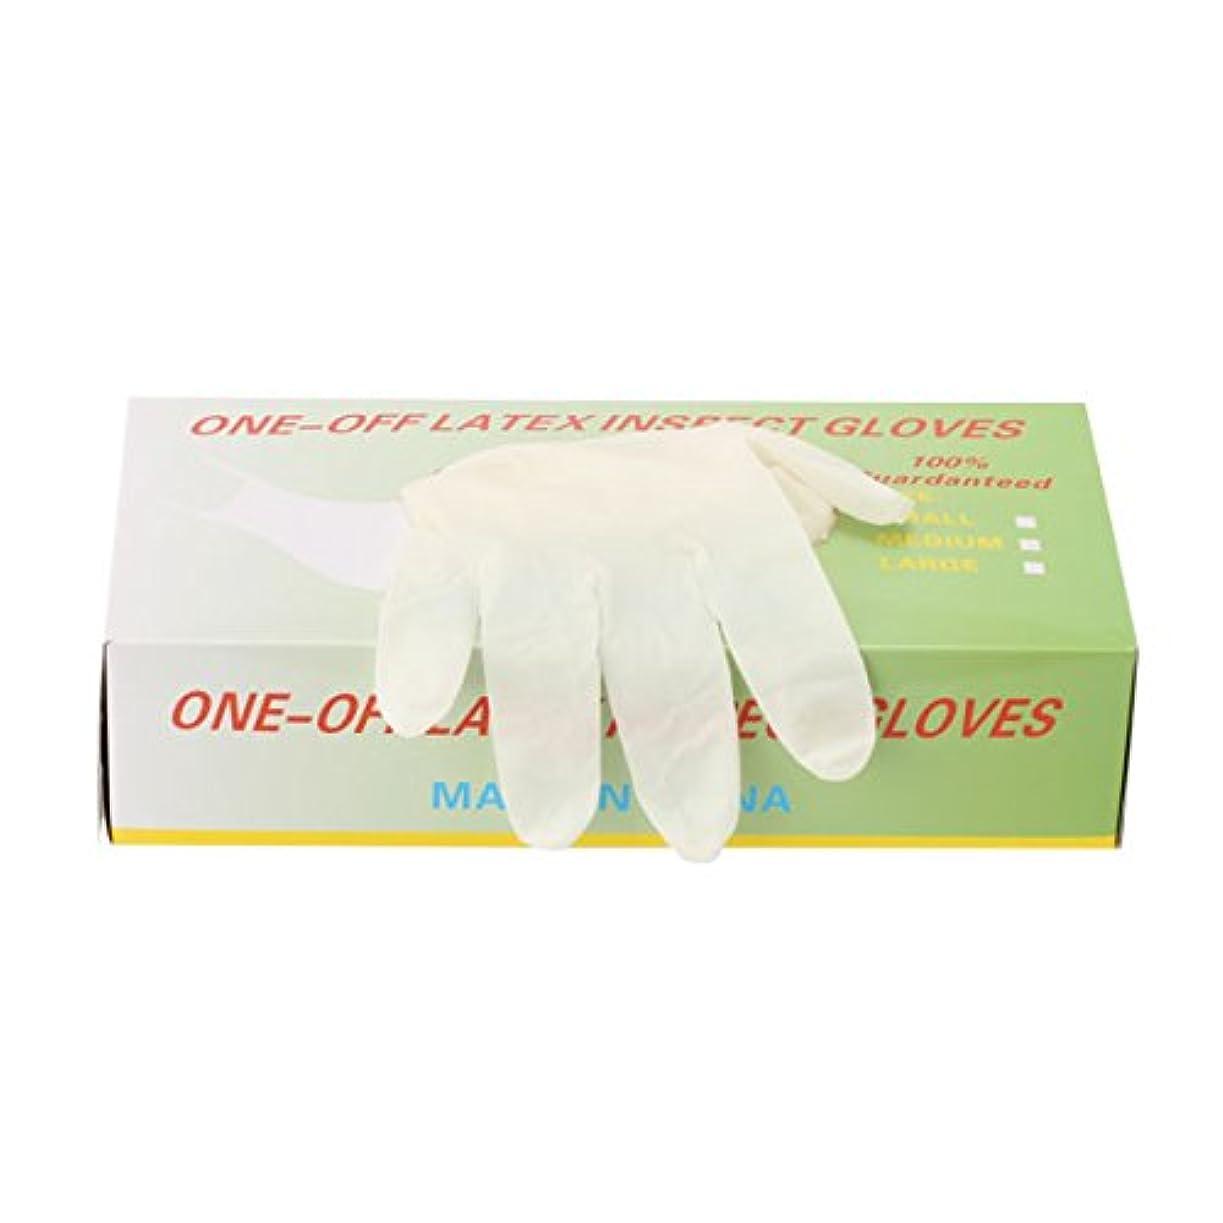 ランタン不完全ランタンパウダーフリー使い捨てゴム手袋 100枚入 全3種 Lサイズ [ 手袋 グローブ ゴム手袋 使い捨て手袋 使い捨てグローブ ]